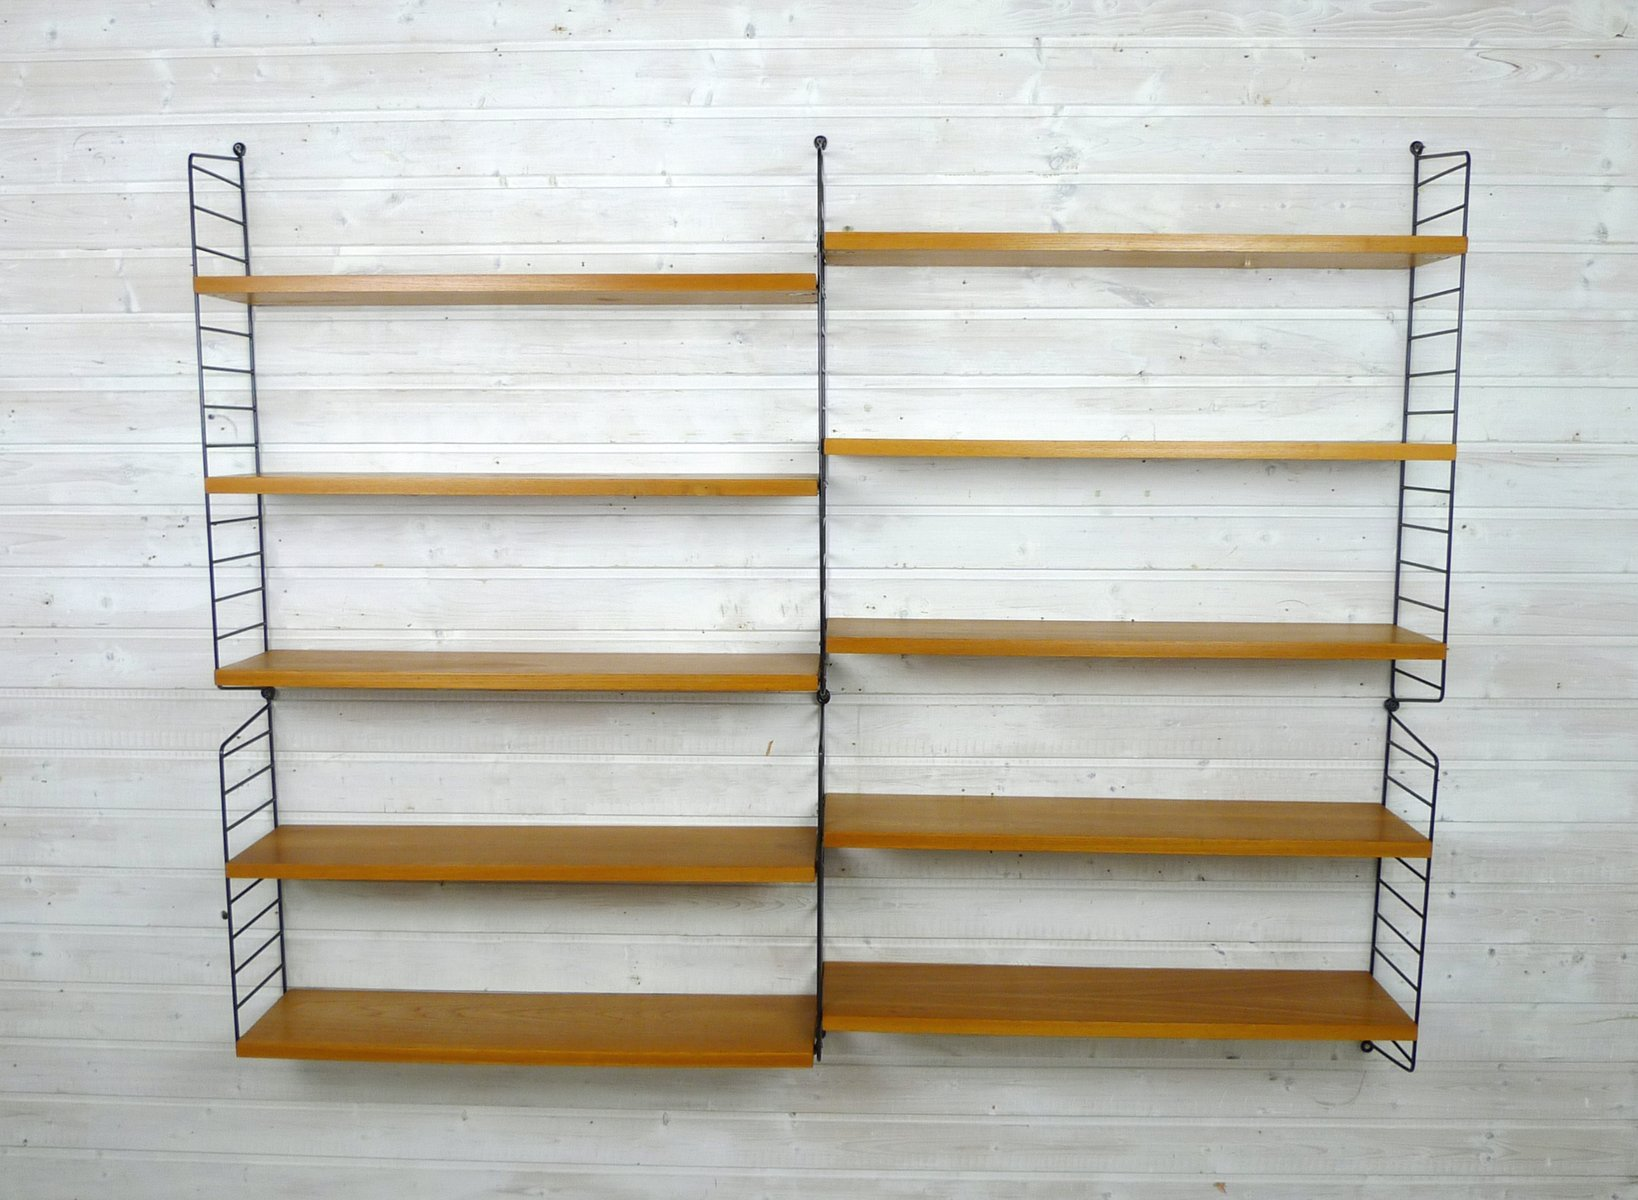 Nisse Strinning wall shelf system made of ash by nisse strinning for string sweden